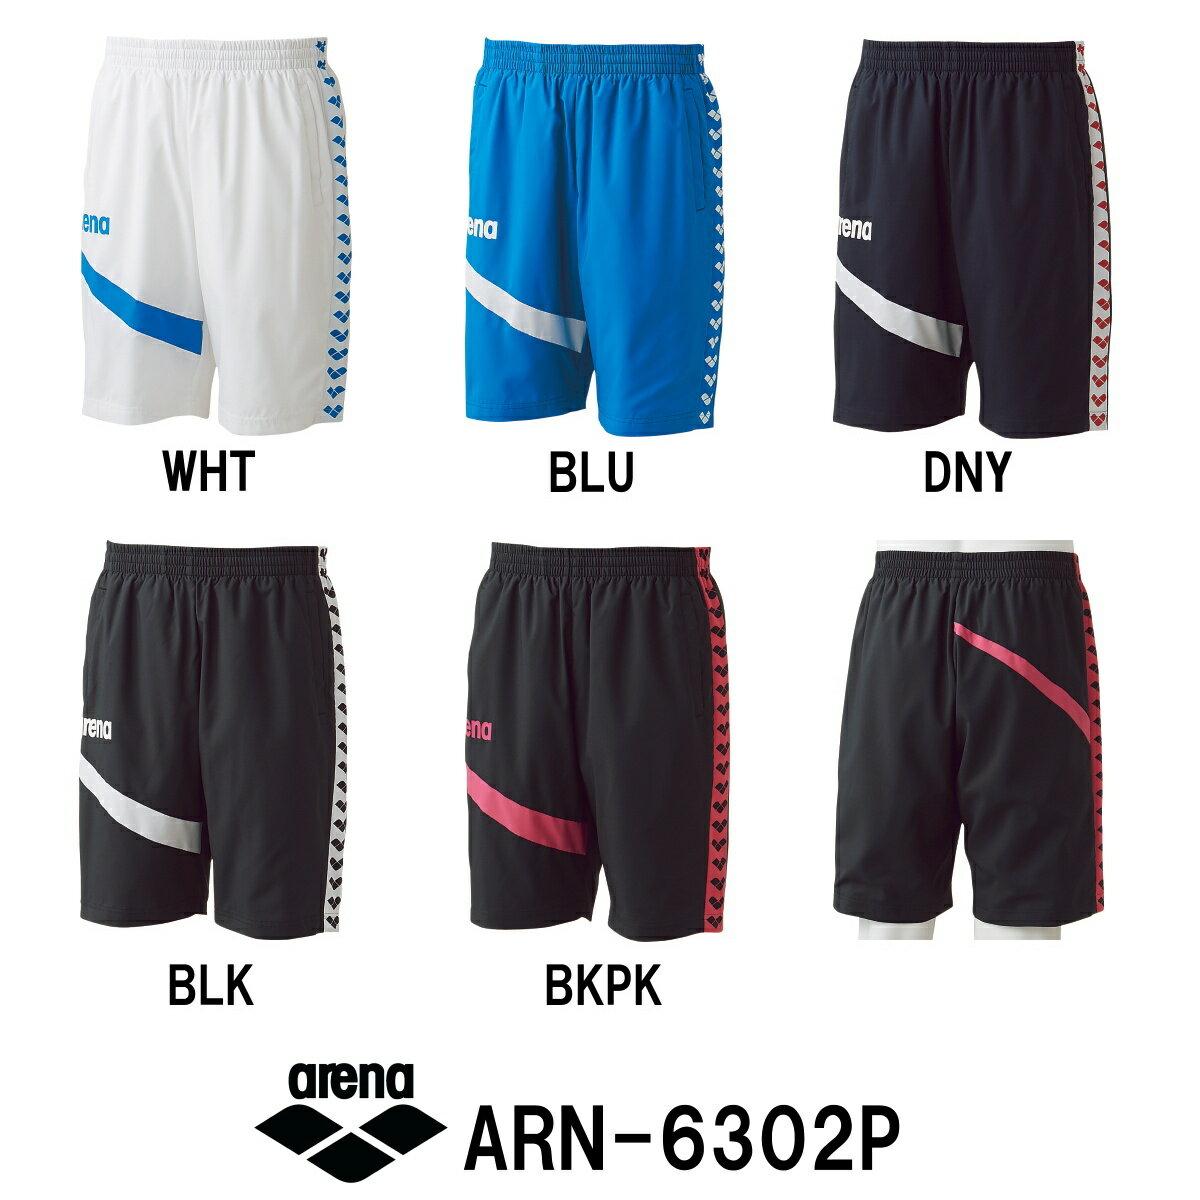 【ARN-6302P】ARENA(アリーナ) ウィンドハーフパンツ[トレーニングウェア/デルタウーブン/メンズ/レディース/レディス/男女共通/チームライン]